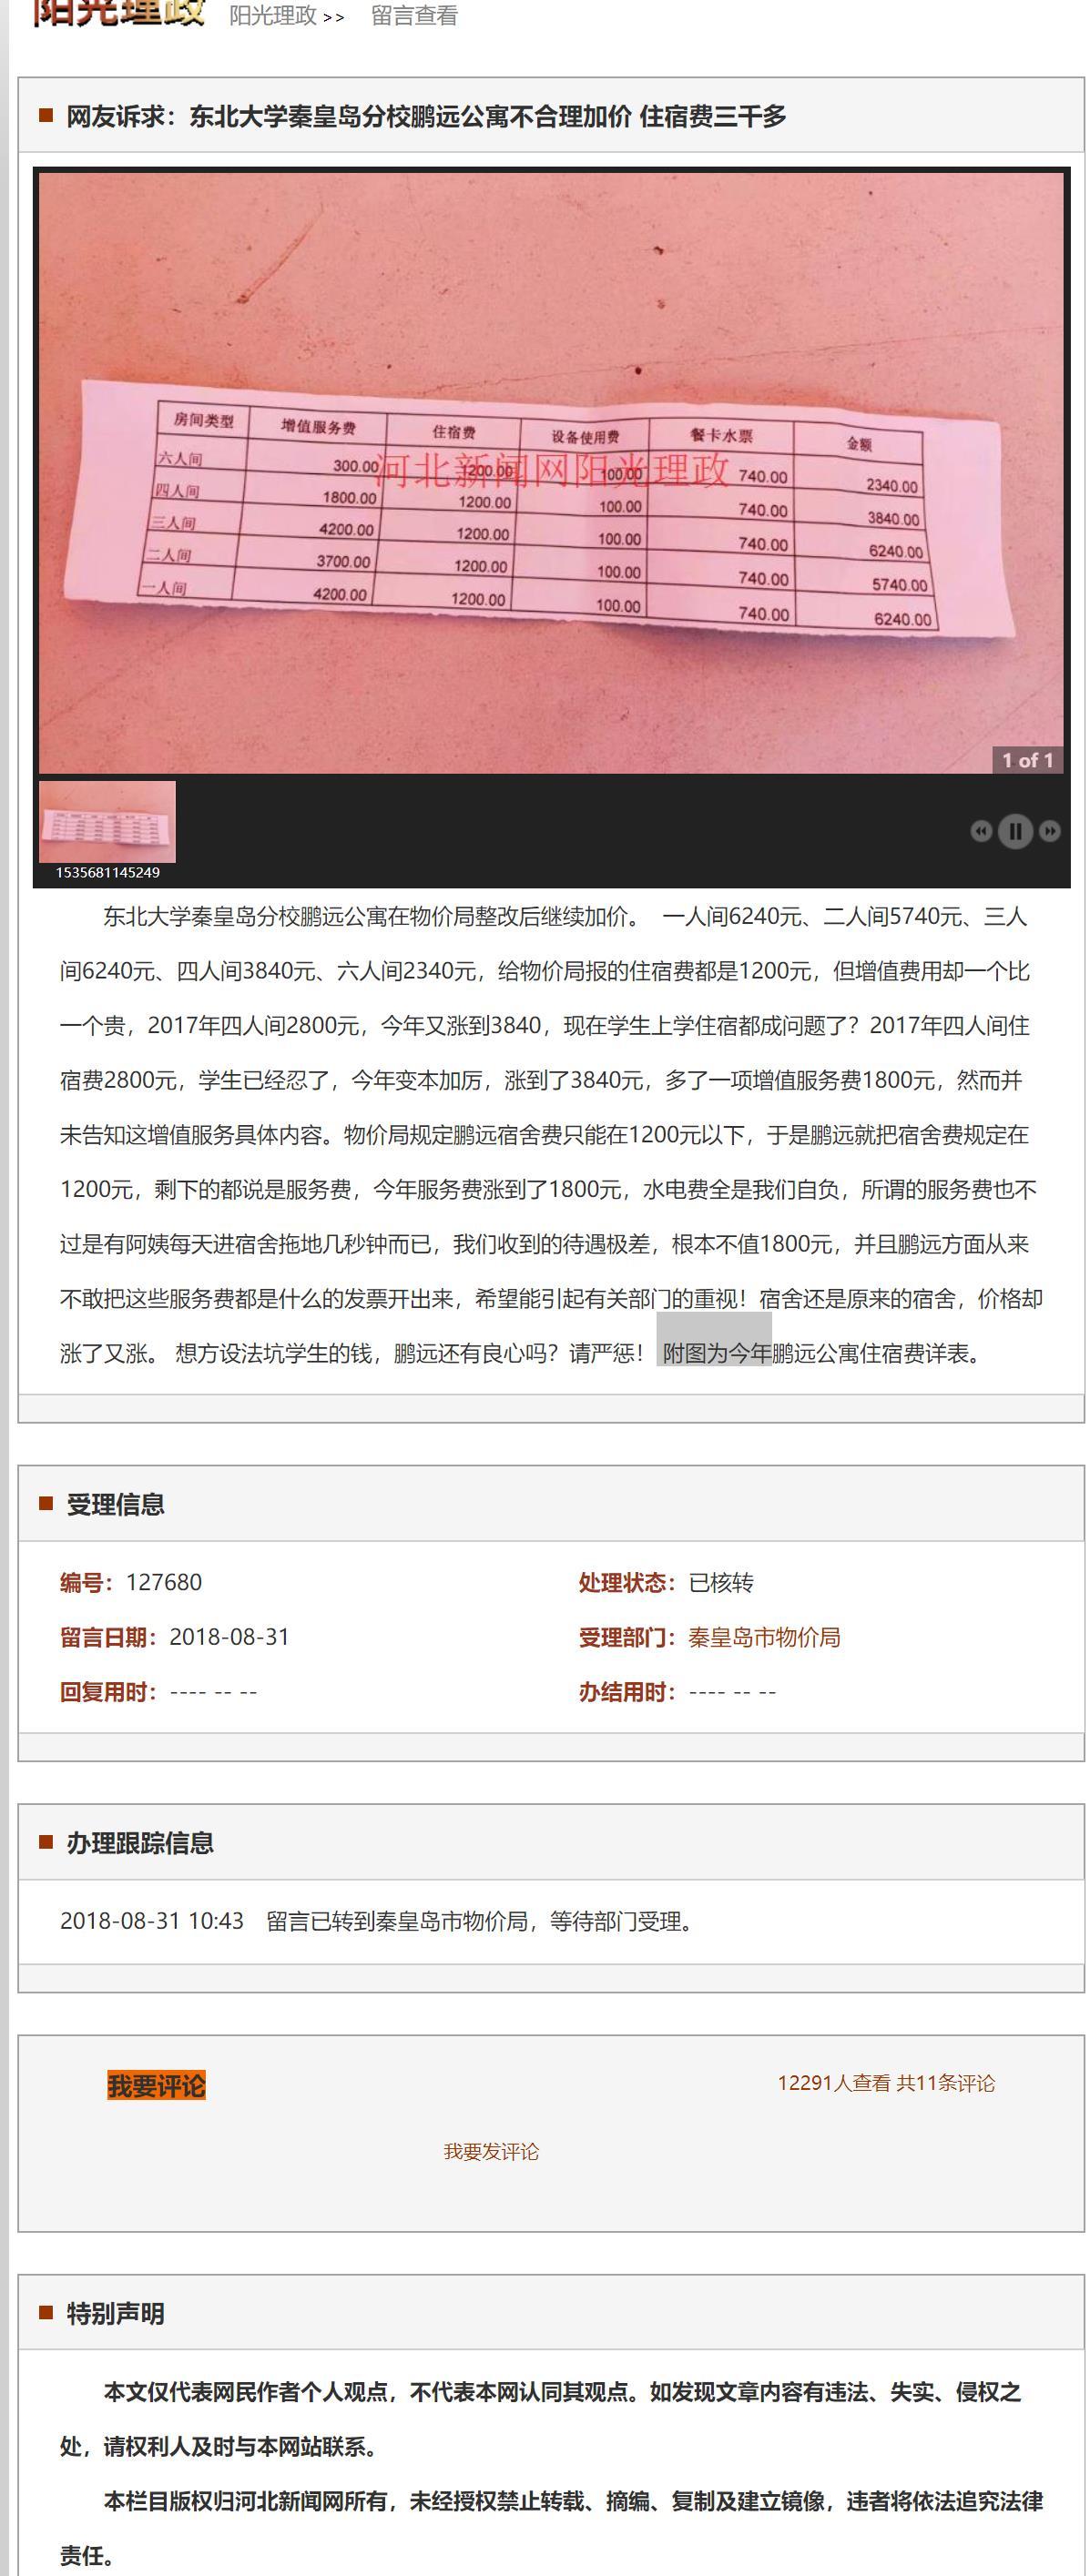 河北讯休网阳光理政页面关于鹏远公寓的留言。来源:网络